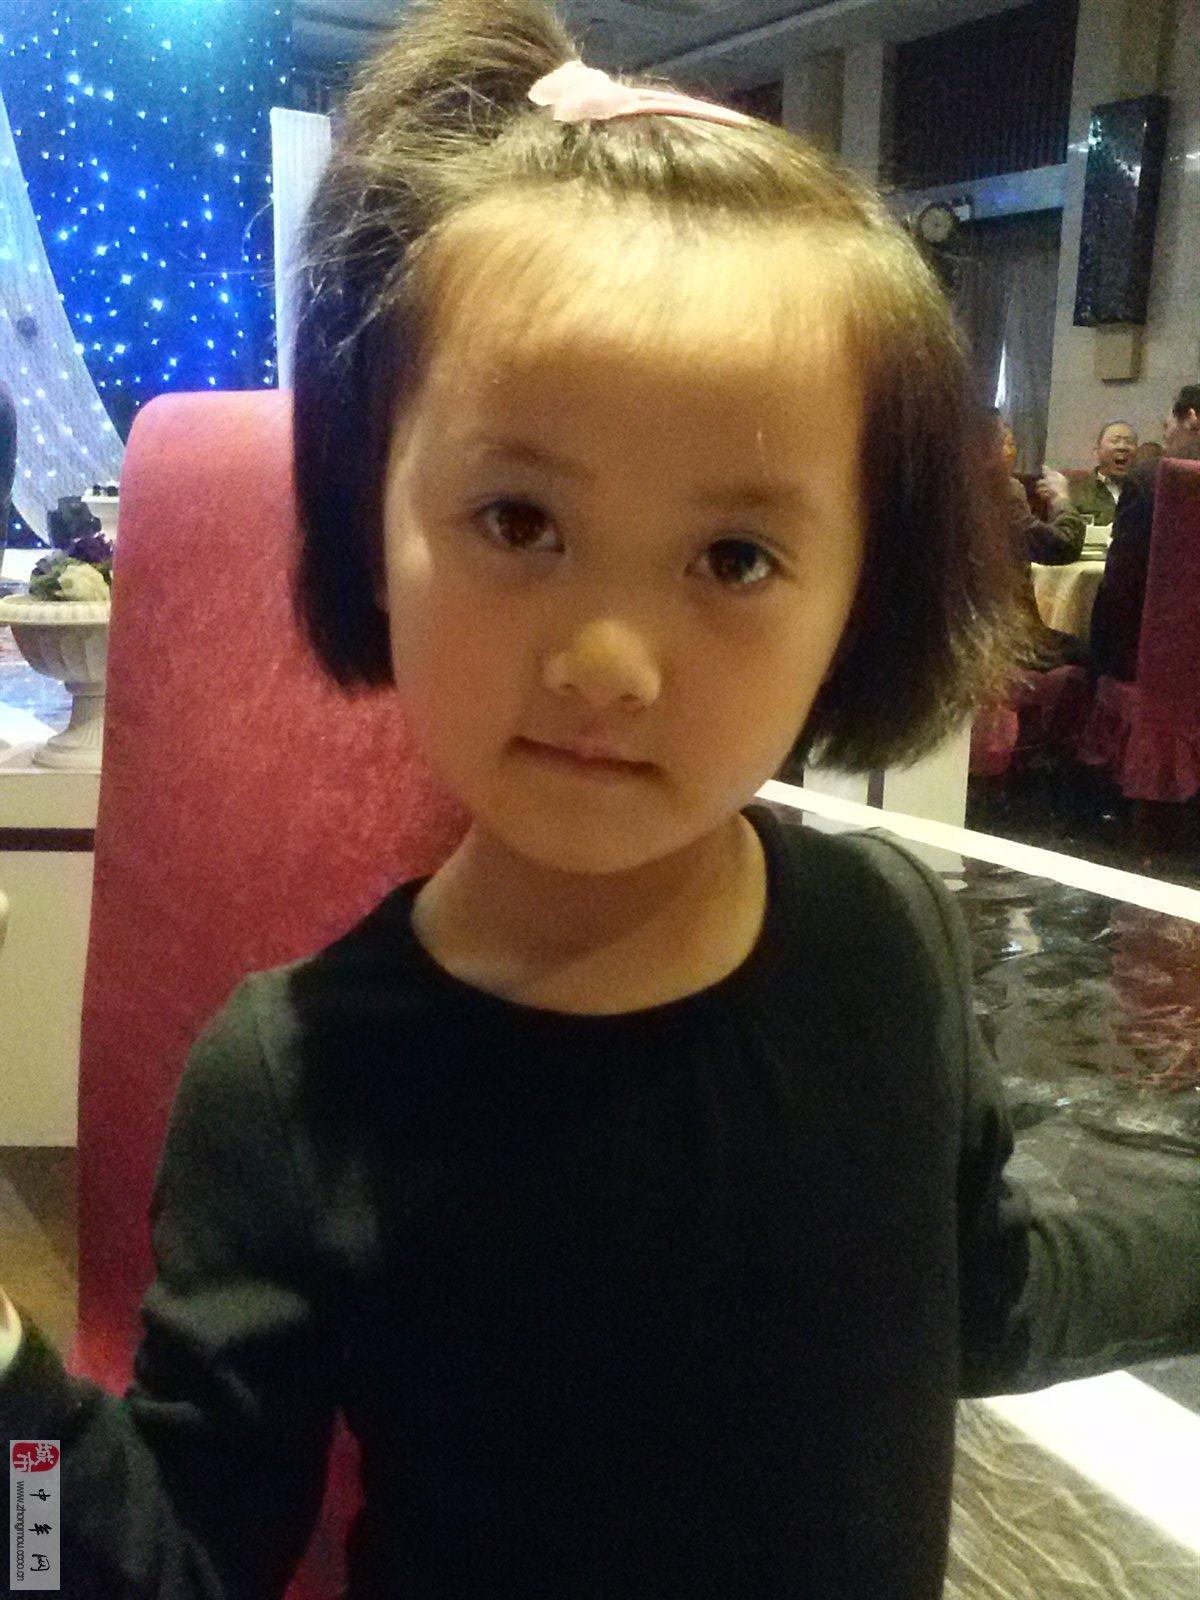 宝宝姓名:姚雨萱 宝宝年龄:5 宝宝性别:女 宝宝介绍:活泼可爱 对孩子